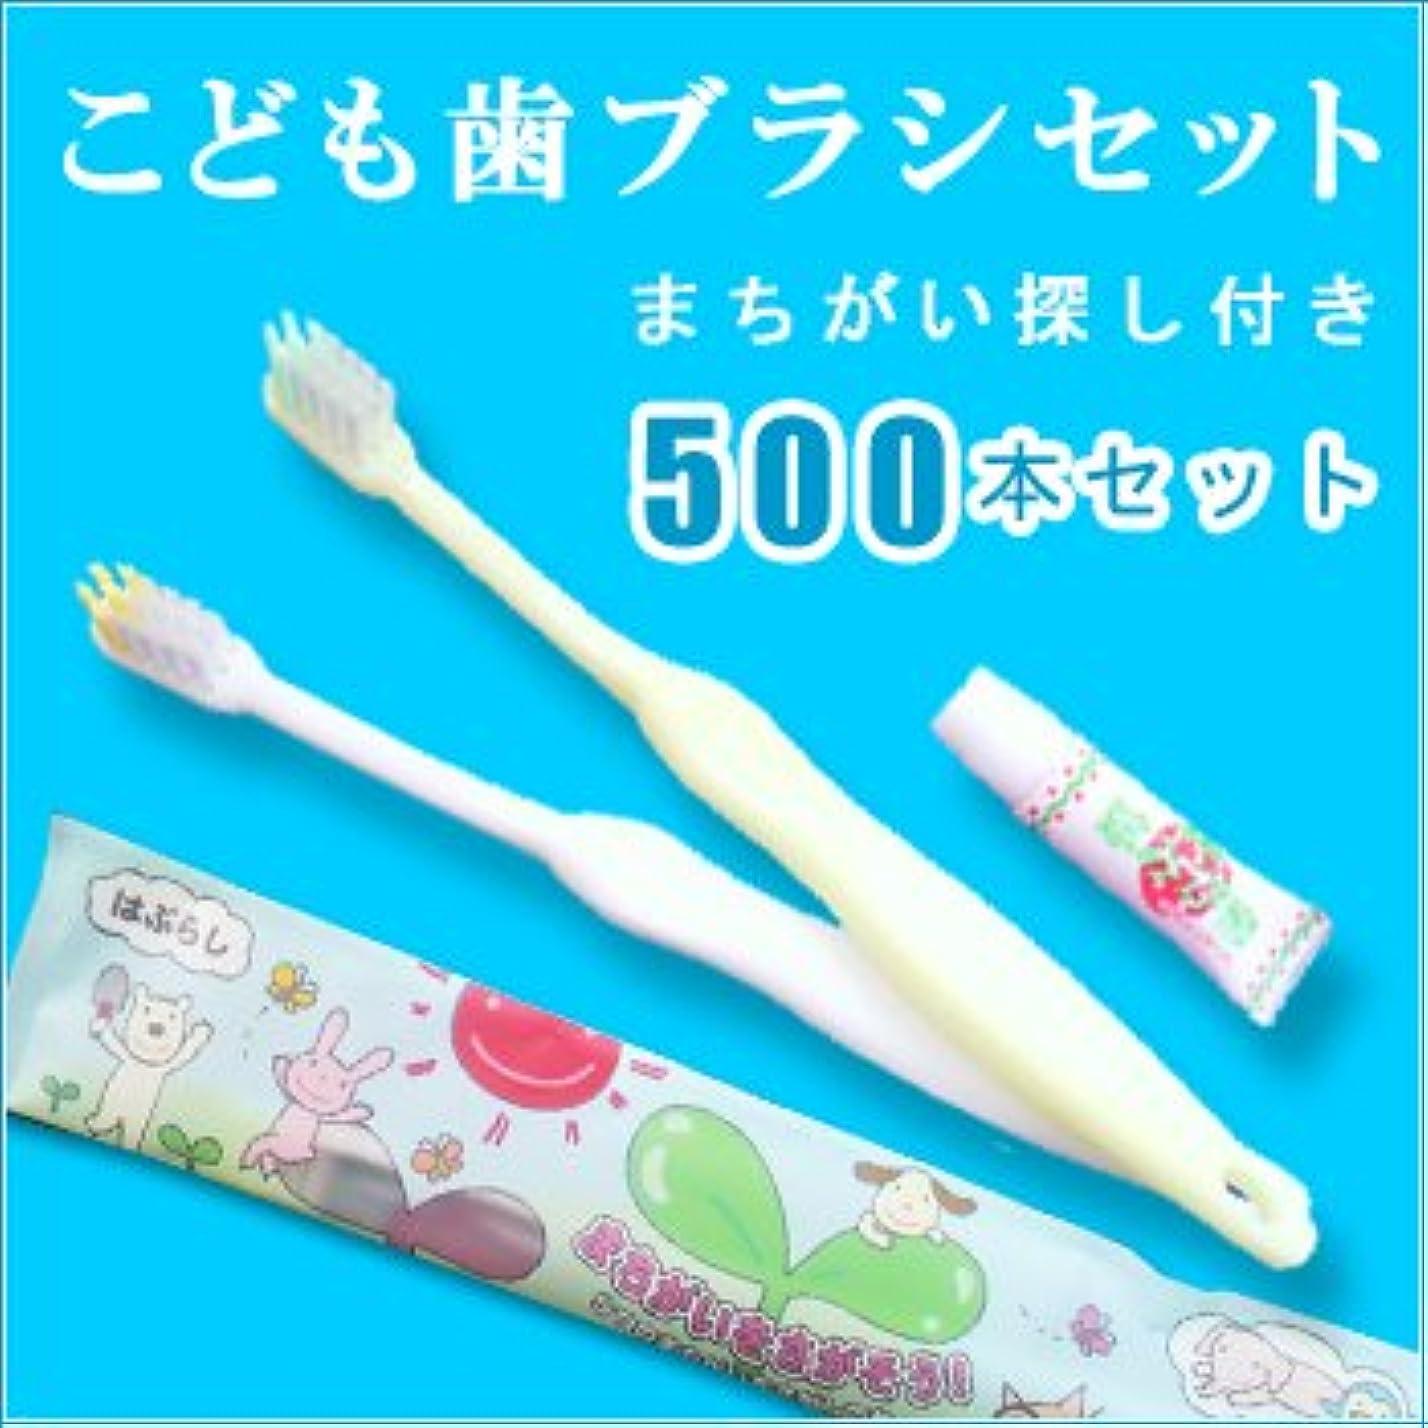 排泄物松明快いこども用歯ブラシ いちご味の歯磨き粉 3gチューブ付 ホワイト?イエロー2色アソート(1セット500本)1本当たり34円